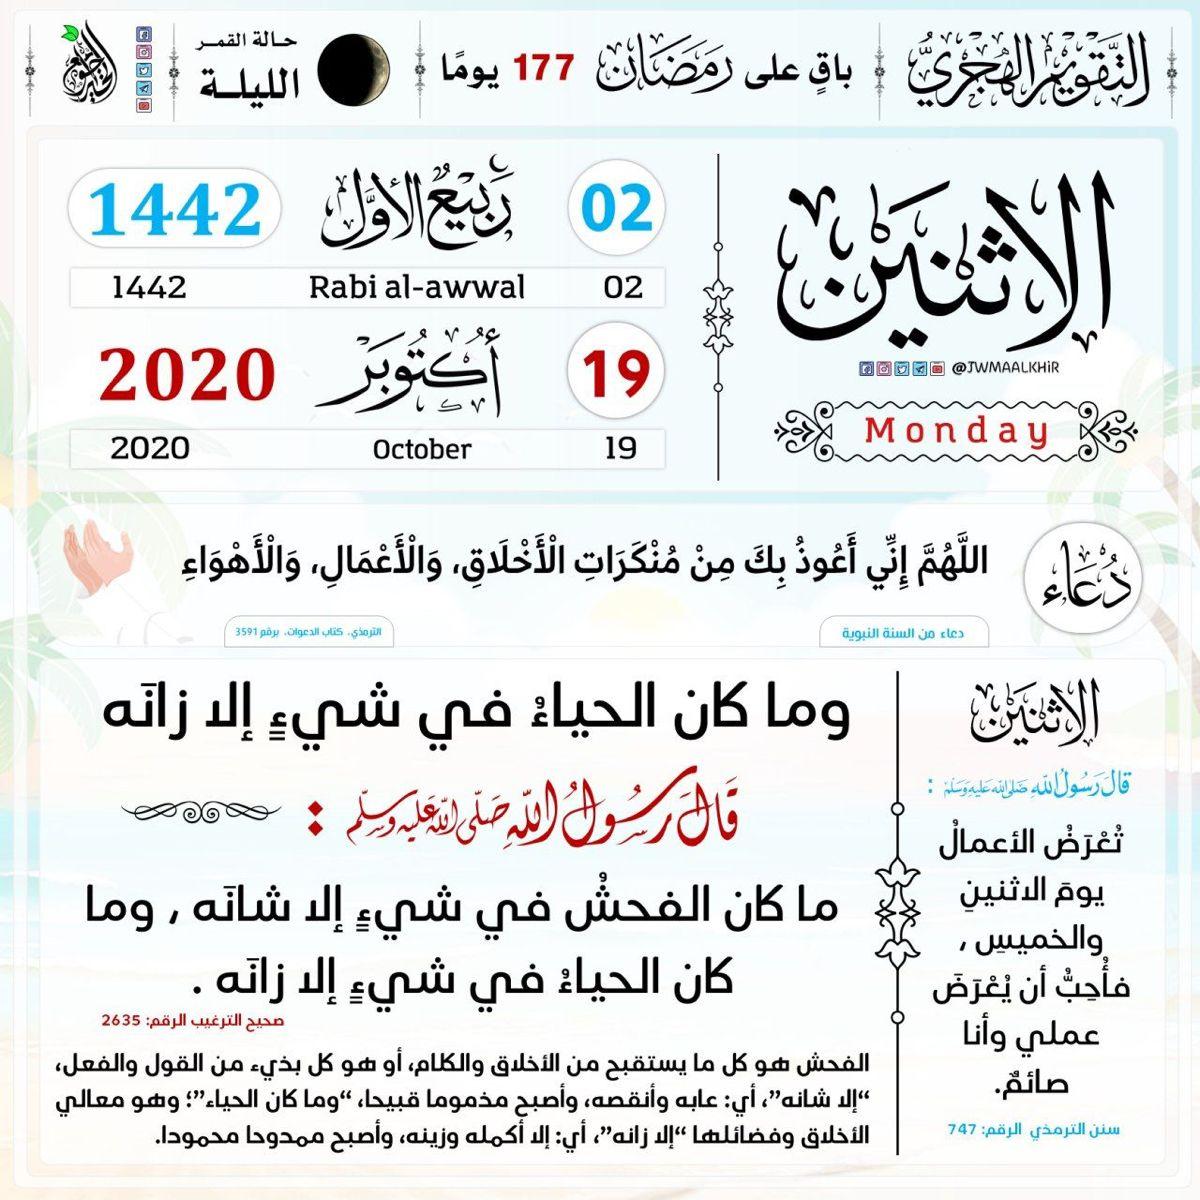 التذكير اليومي بـ التقويم الهجري الاثنين 02 ربيع الأول 1442هـ الموافق لـ 19 أكتوبر2020م باق على رمضان 177 يوم ا حديث اليوم م Math Bullet Journal Journal